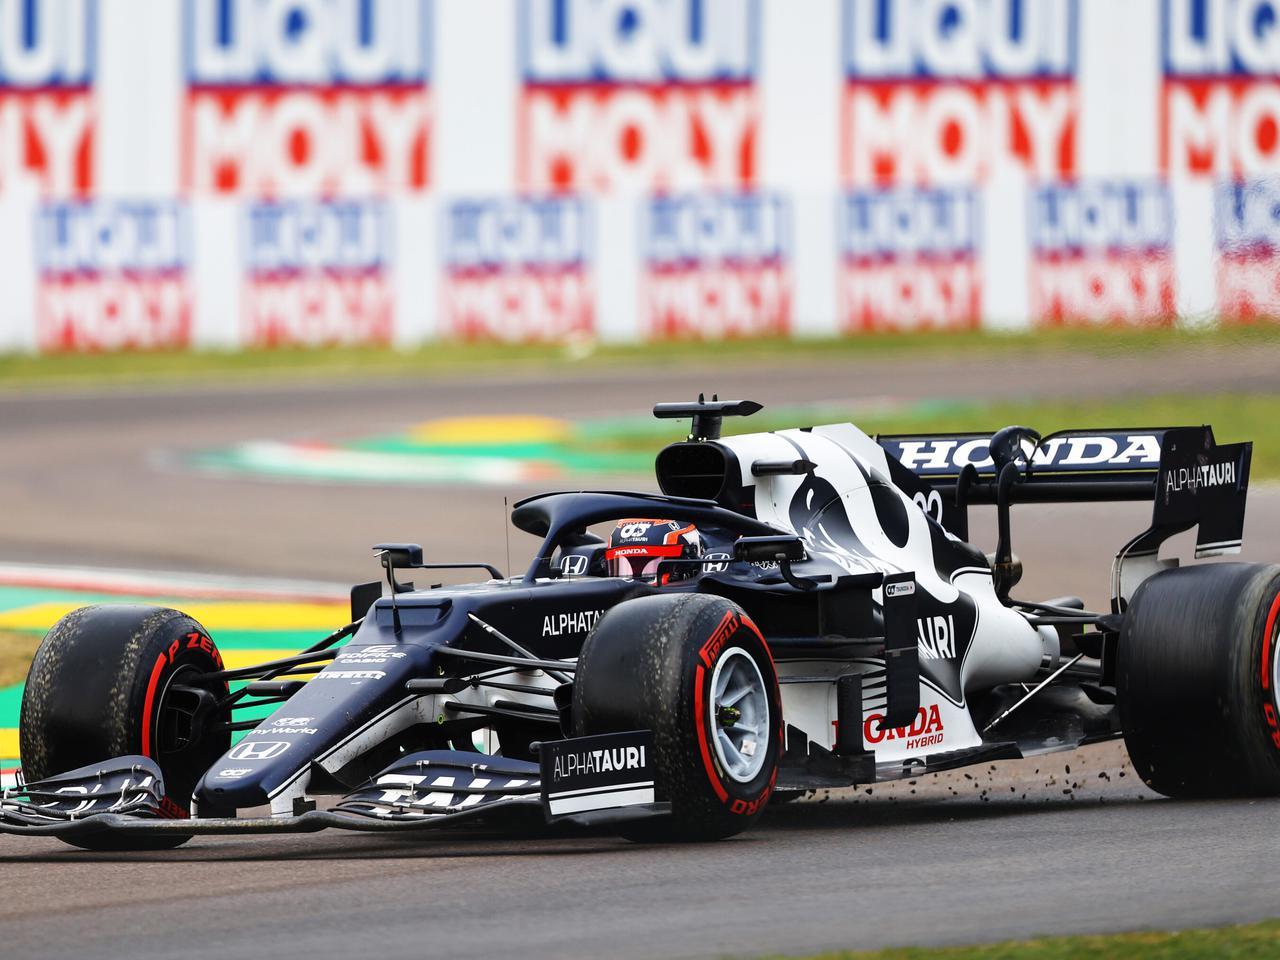 2021年F1第2戦で角田裕毅は連続入賞ならず。好ペースで走行も、なぜスピンを喫したのか【モータースポーツ】